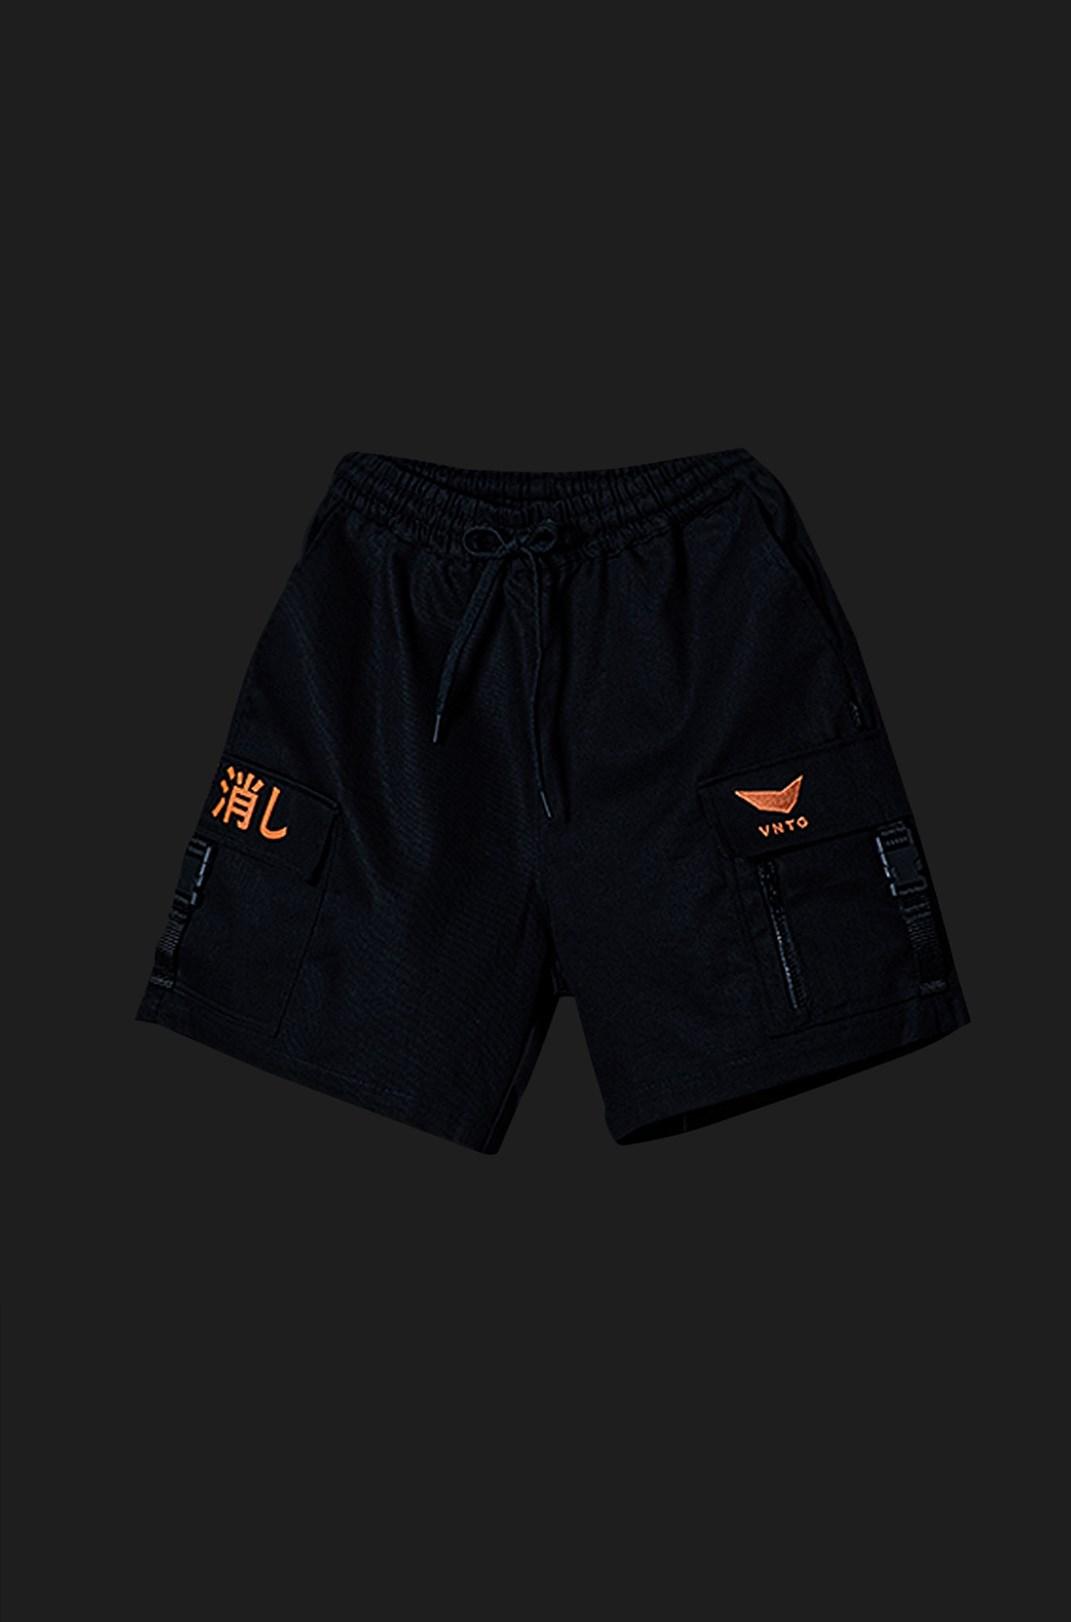 Shorts Sarja Cargo Vntg Preto